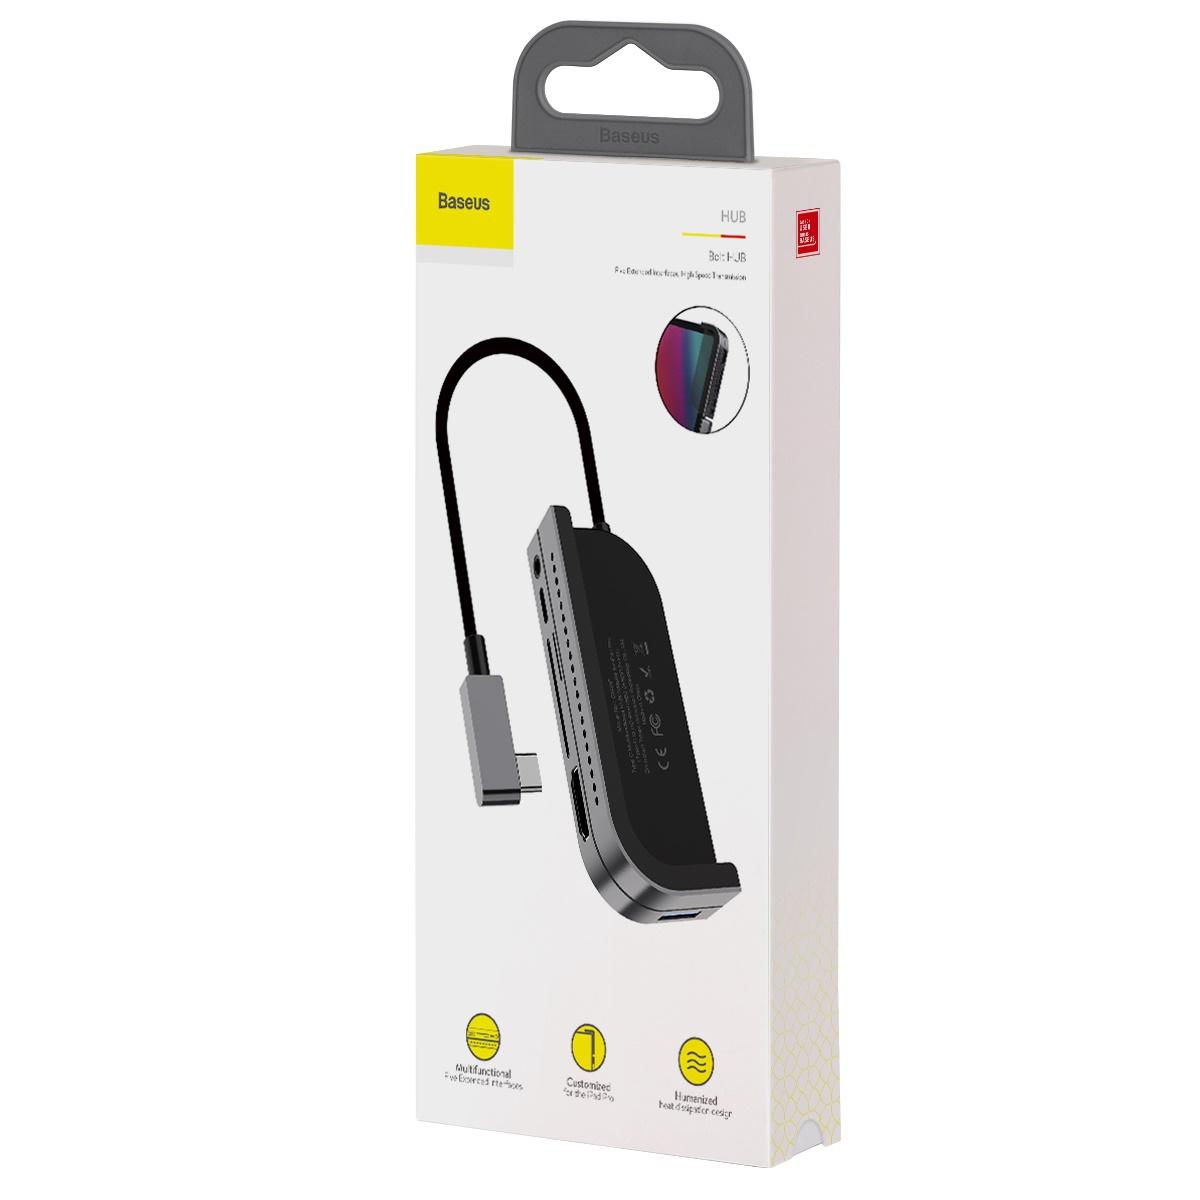 Bộ chuyển đổi HUB thông minh Baseus Bend Angle No.7 Multifunctional Type C to USB3.0/HDMI/SD/Micro SD/Audio 3.5mm+C PD, Extended InterfacesHub Dark gray - CAHUB-WJ0G - Hàng Chính Hãng